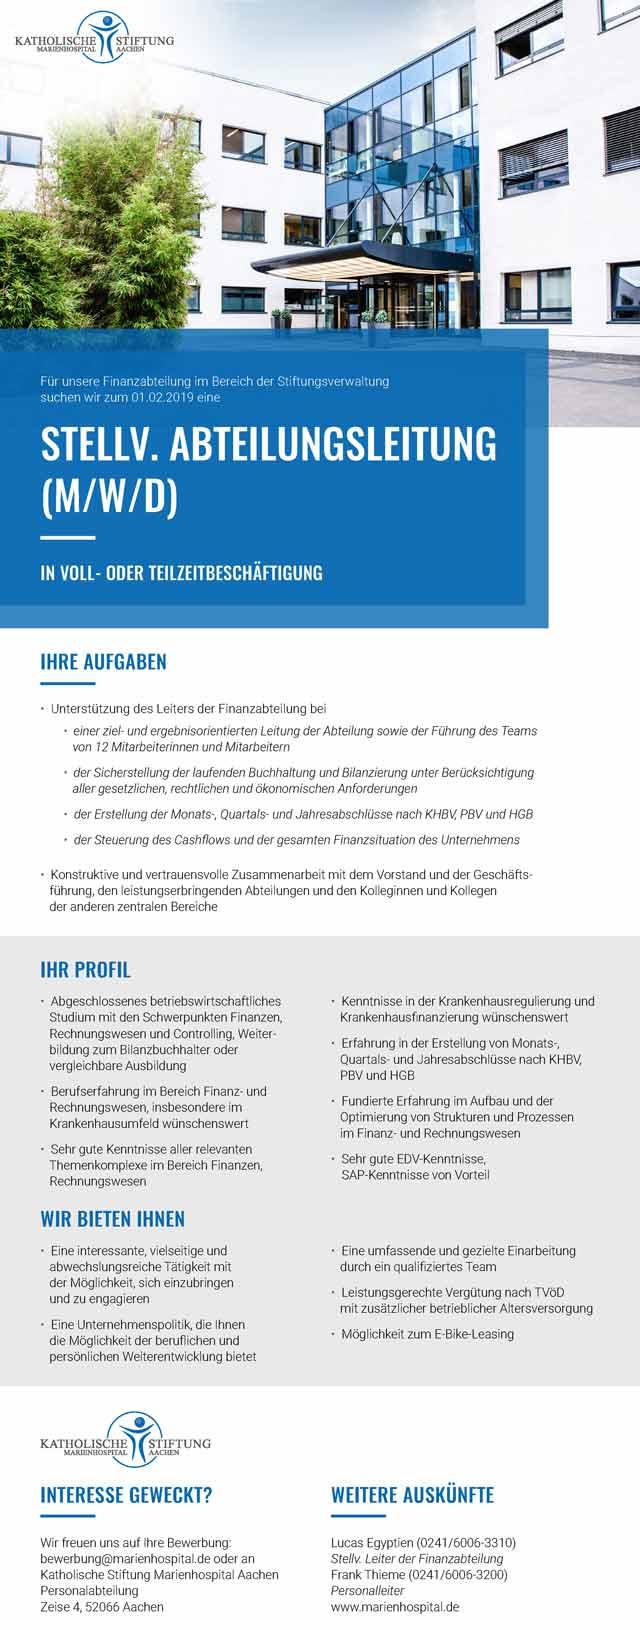 Katholische Stiftung Marienhospital Aachen: stellv. Abteilungsleitung Finanzen (m/w/d)